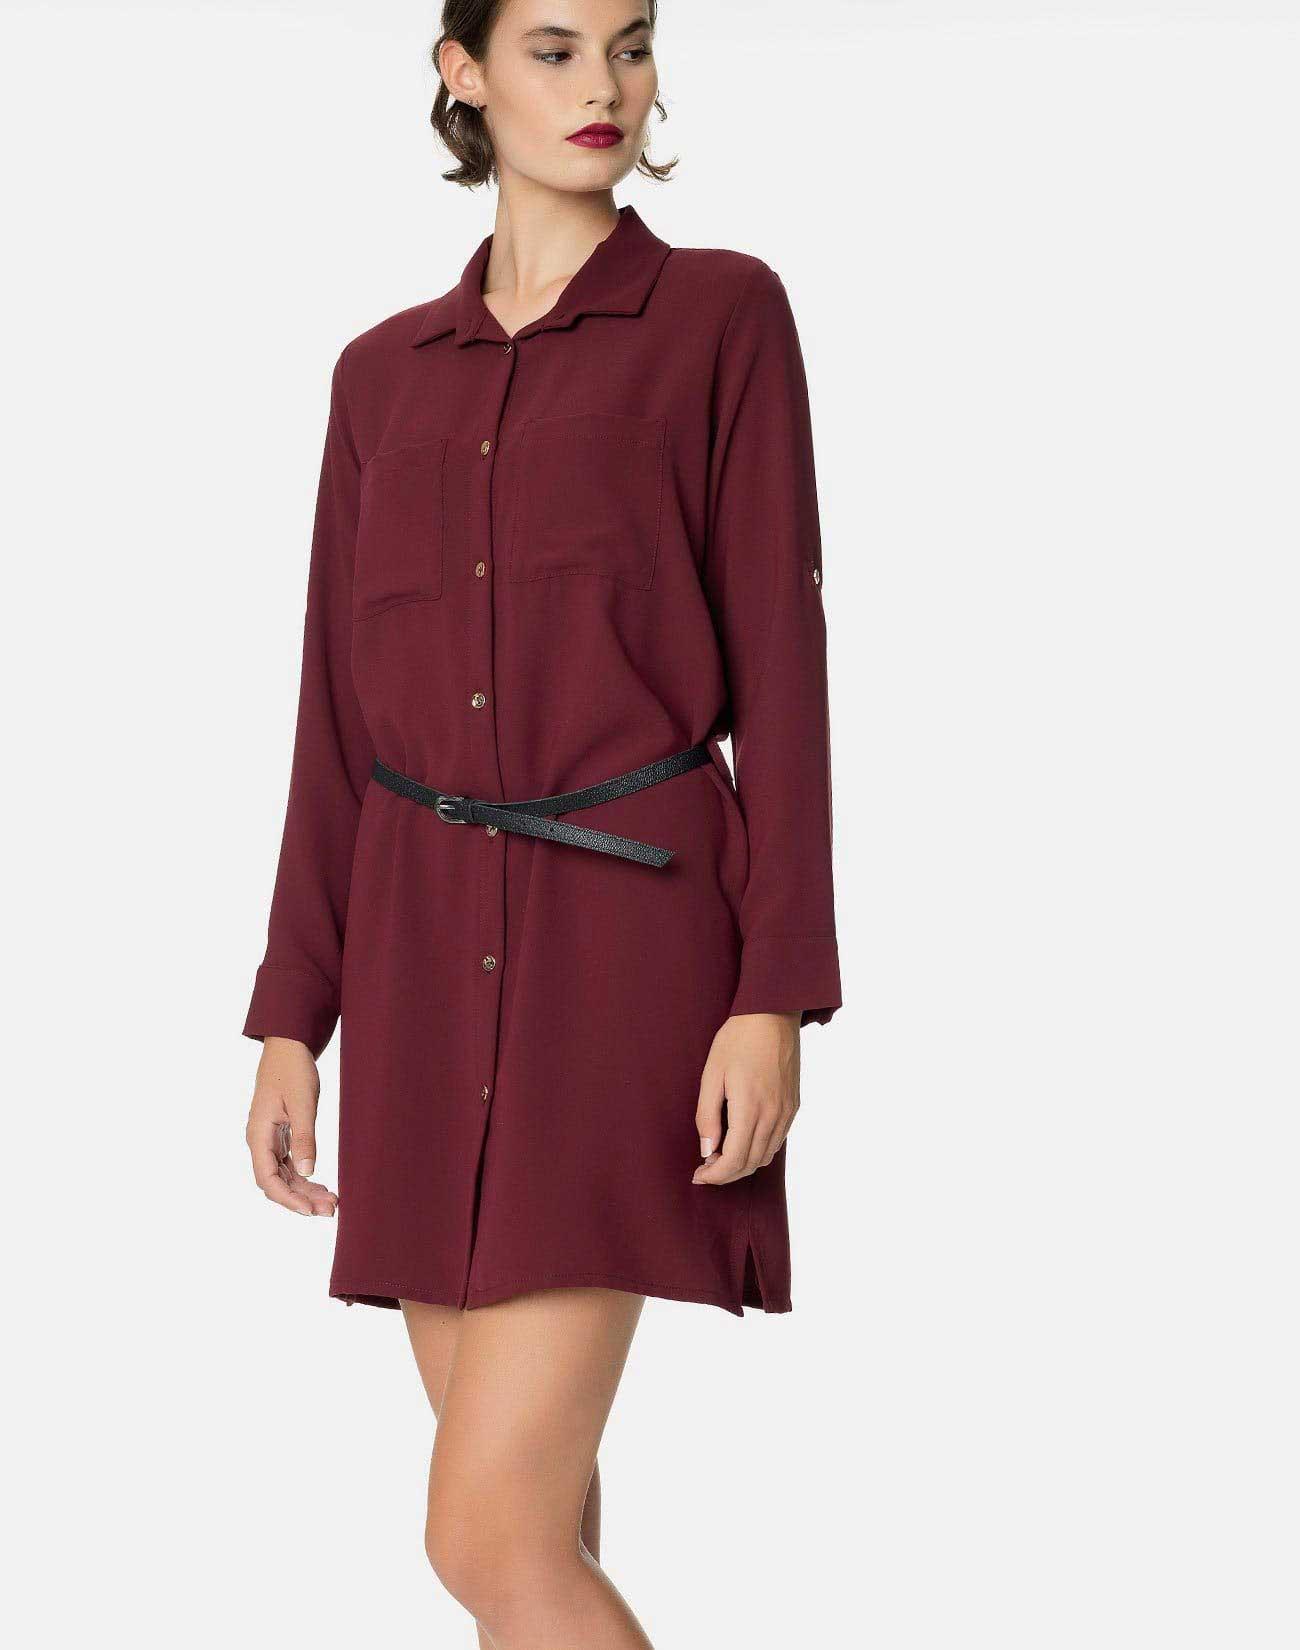 Πουκάμισο Φόρεμα σε 4 χρώματα-αγορά